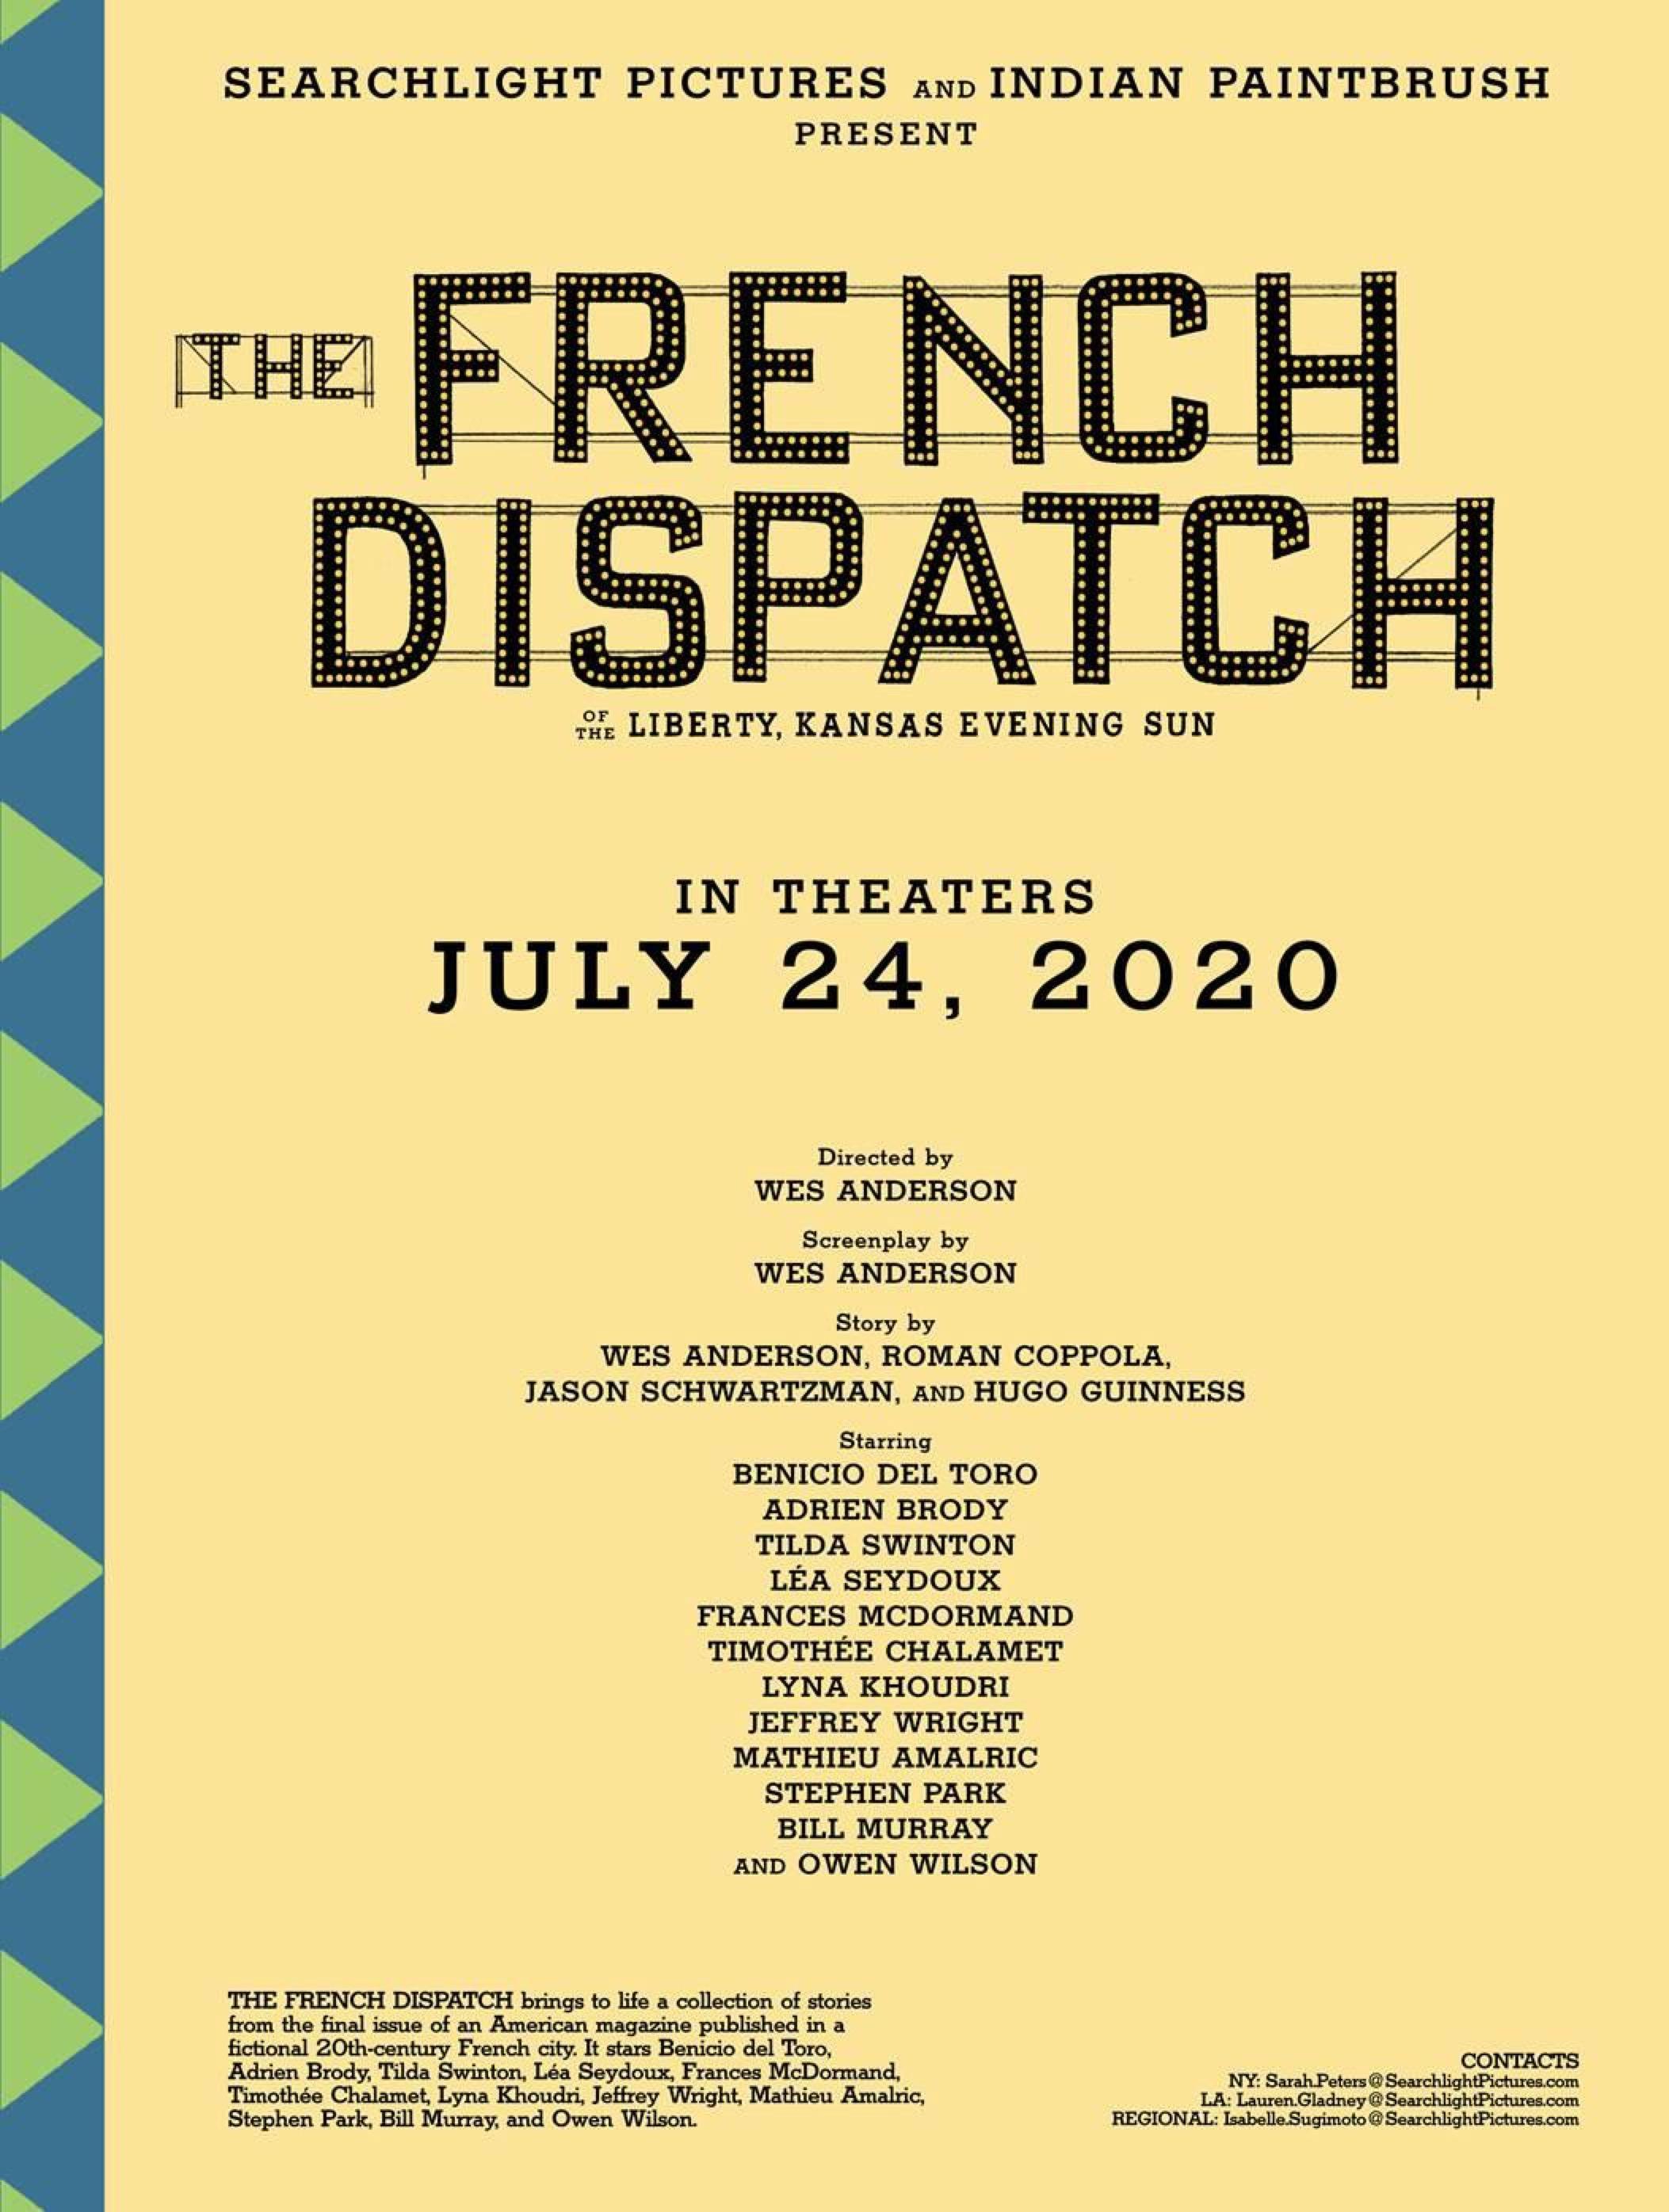 韋斯·安德森新片《法蘭西特派》定檔 7月下旬北美上映